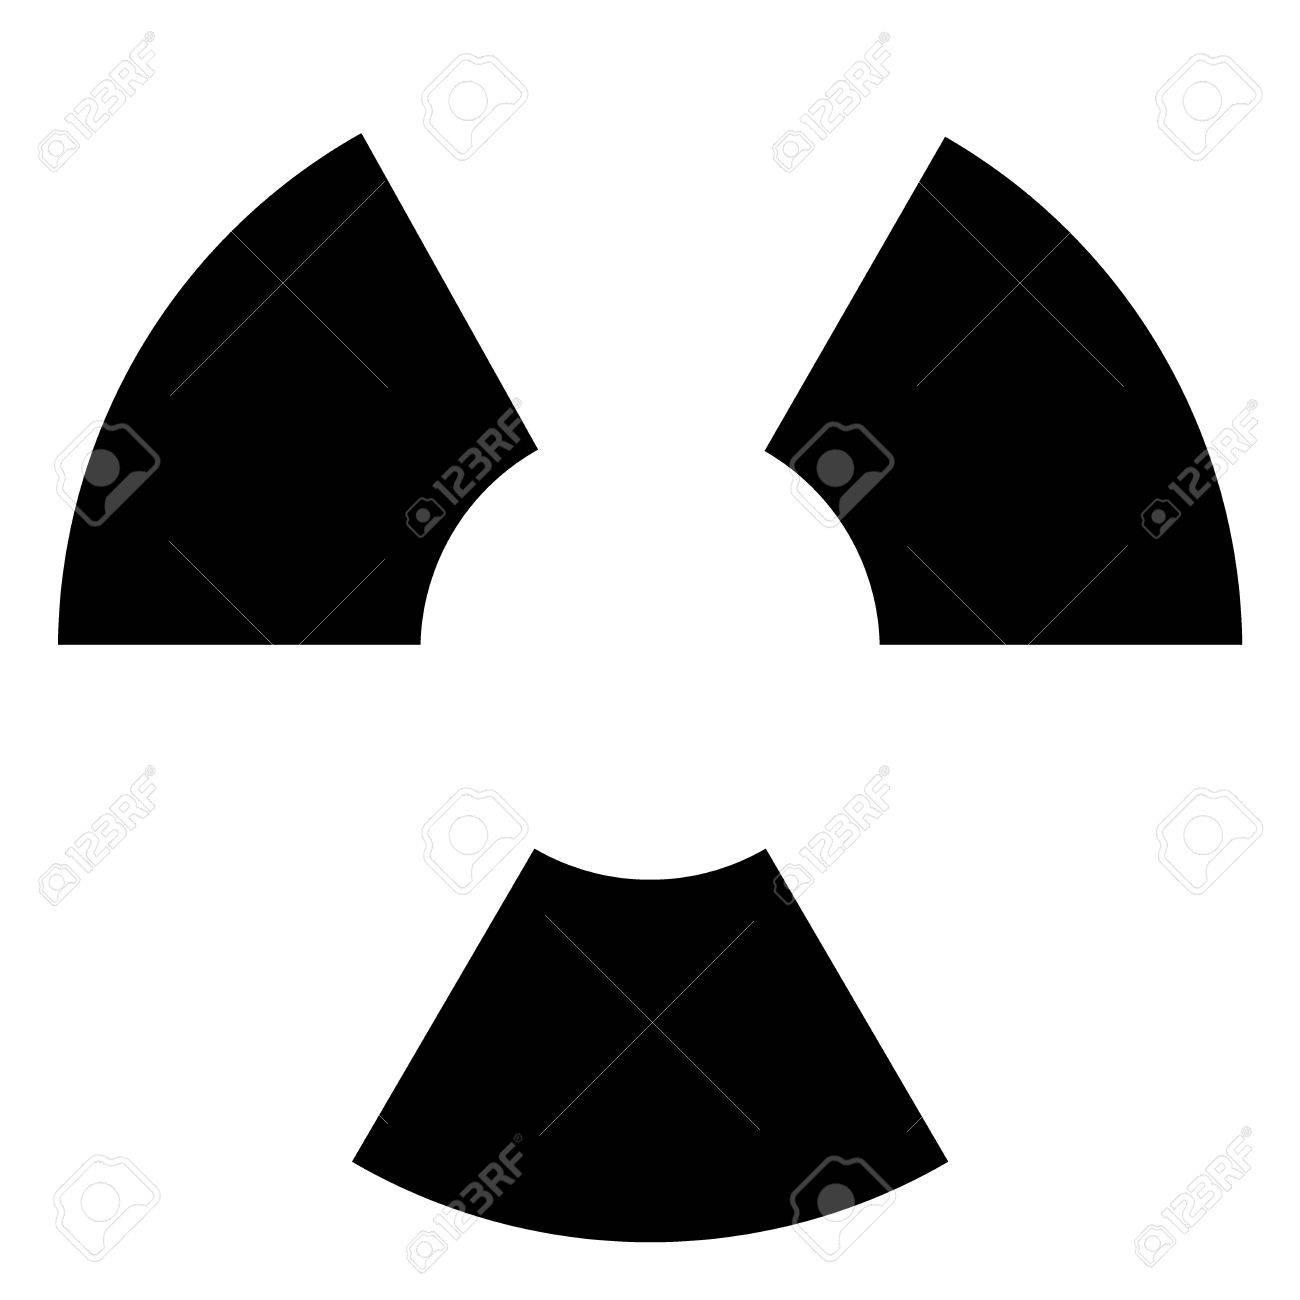 Símbolo Negro Y Blanco Para La Materia Nuclear O Radiactiva Fotos